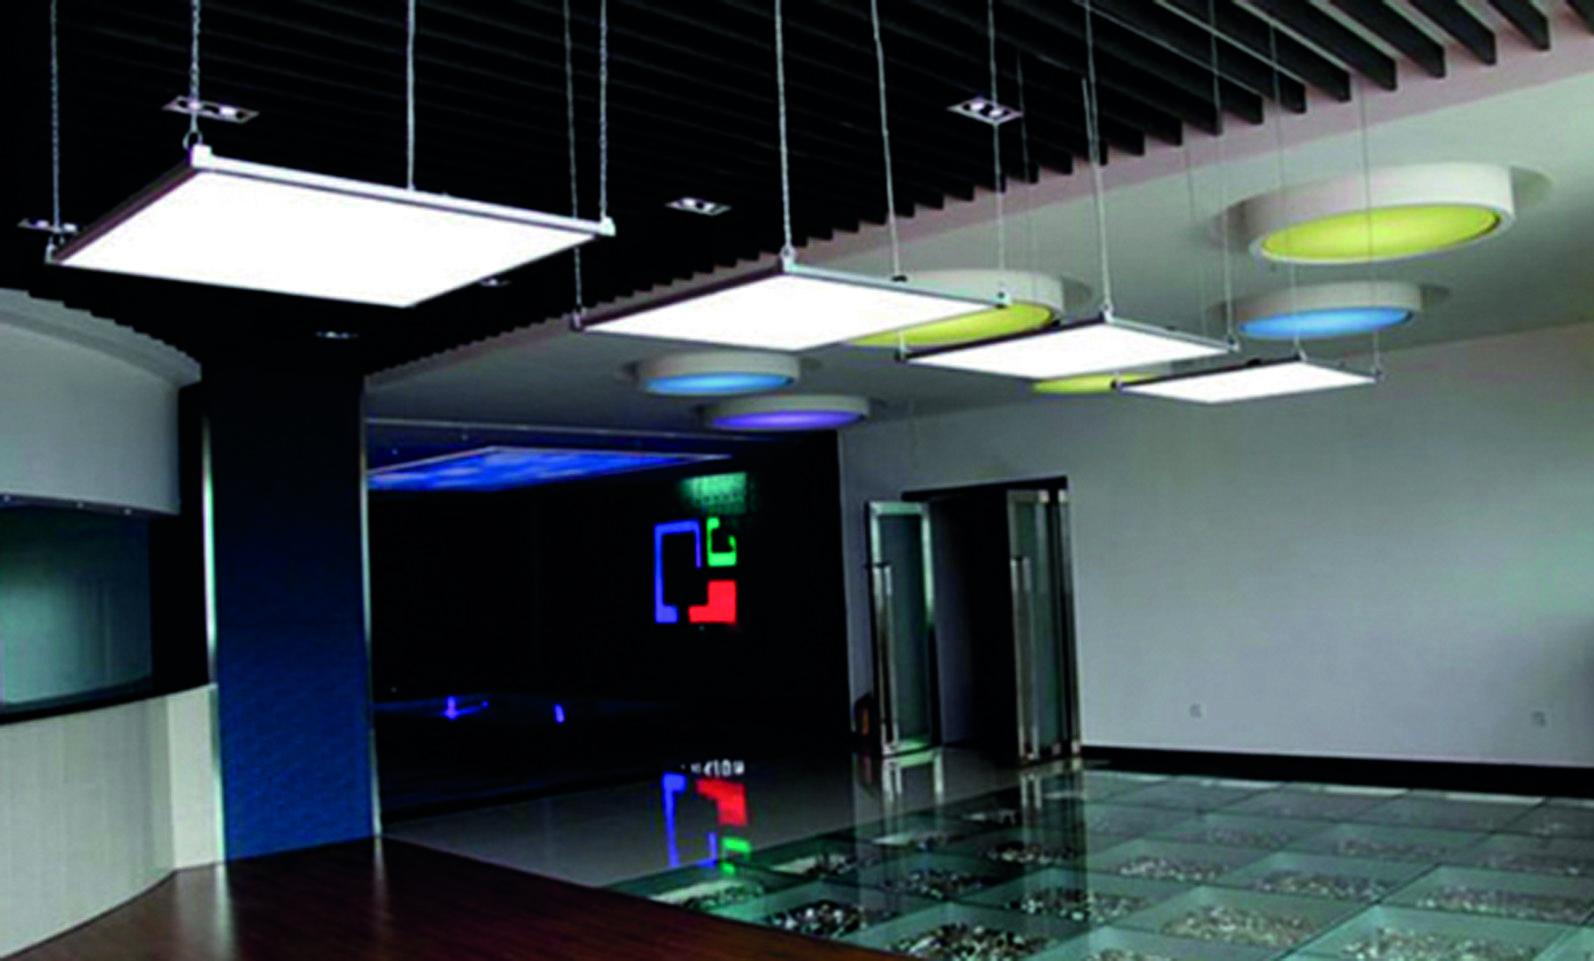 Panel LED 40W Cuadradro